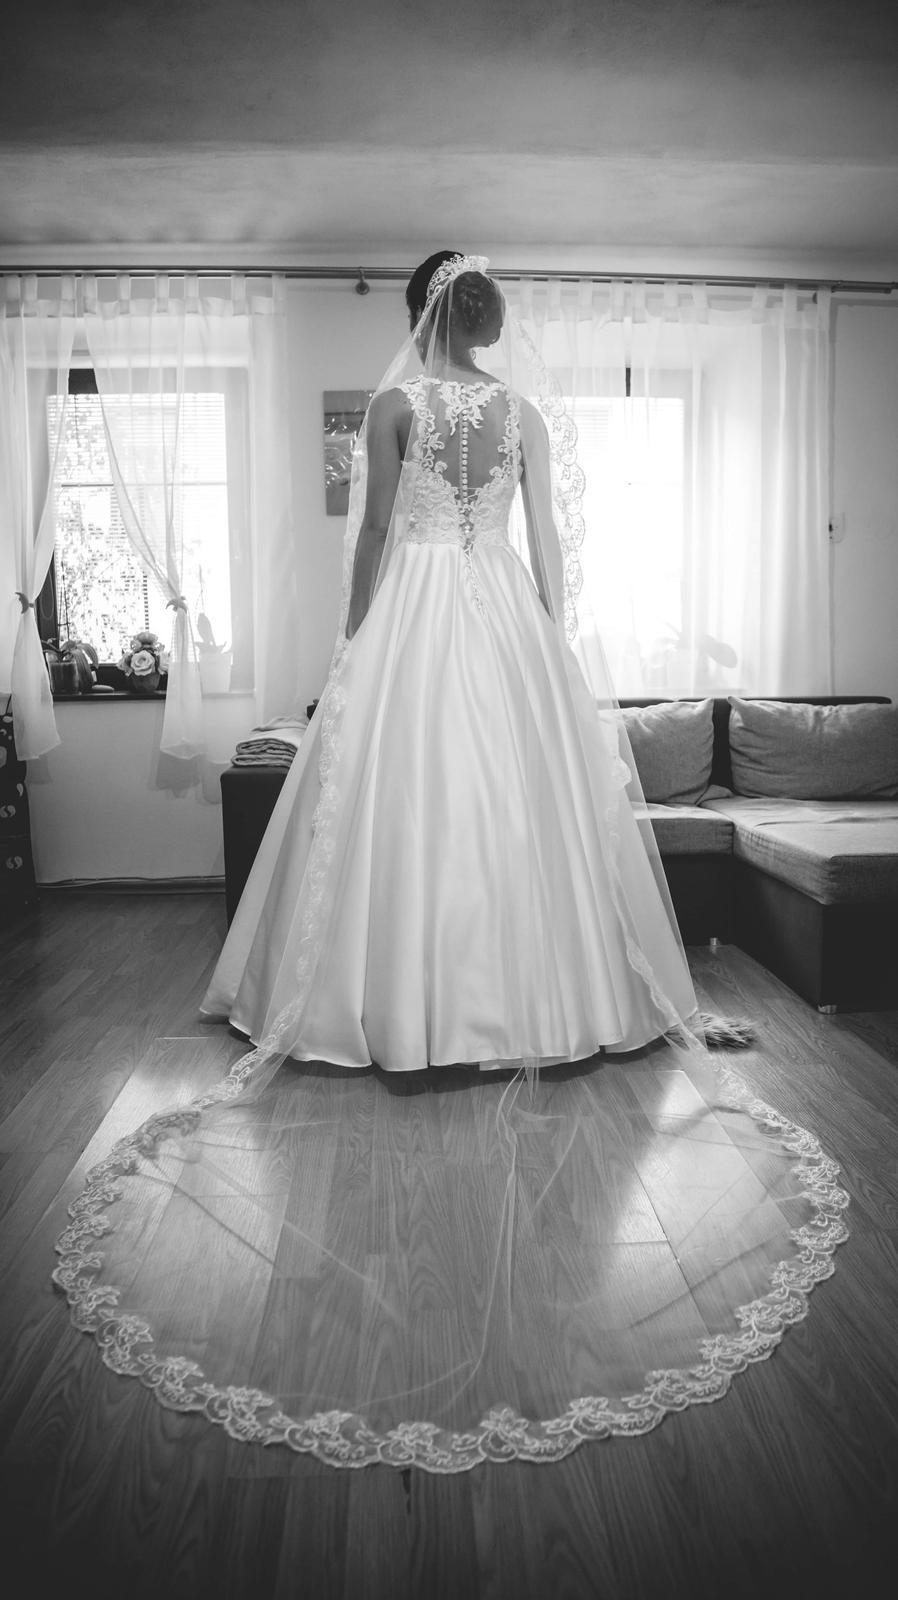 svadobné šaty saténové - Obrázok č. 2